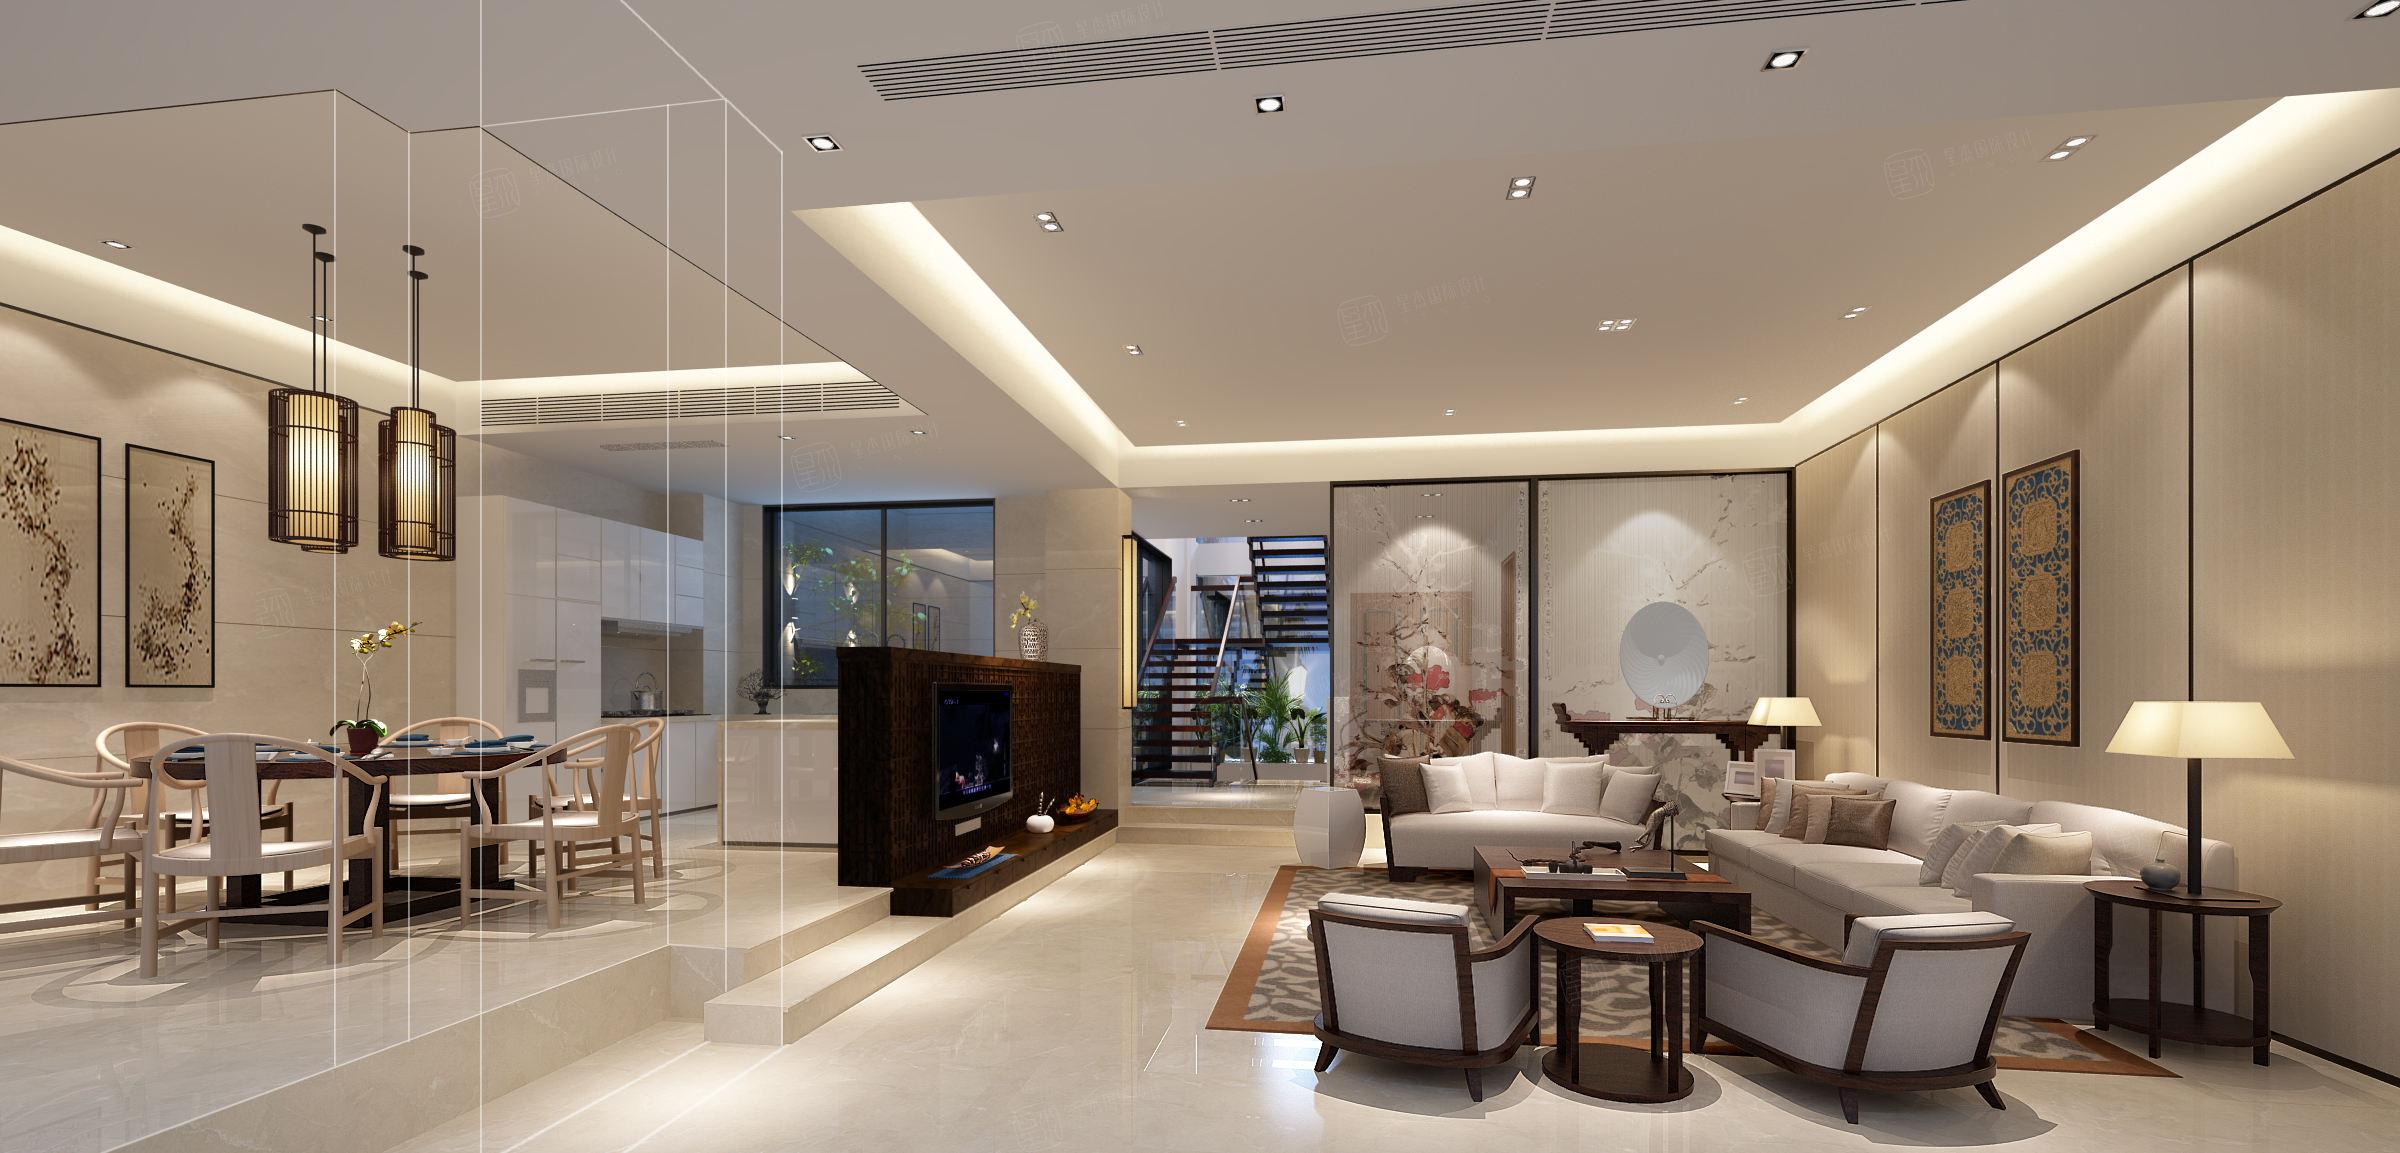 保利茉莉 新中式装修客厅效果图